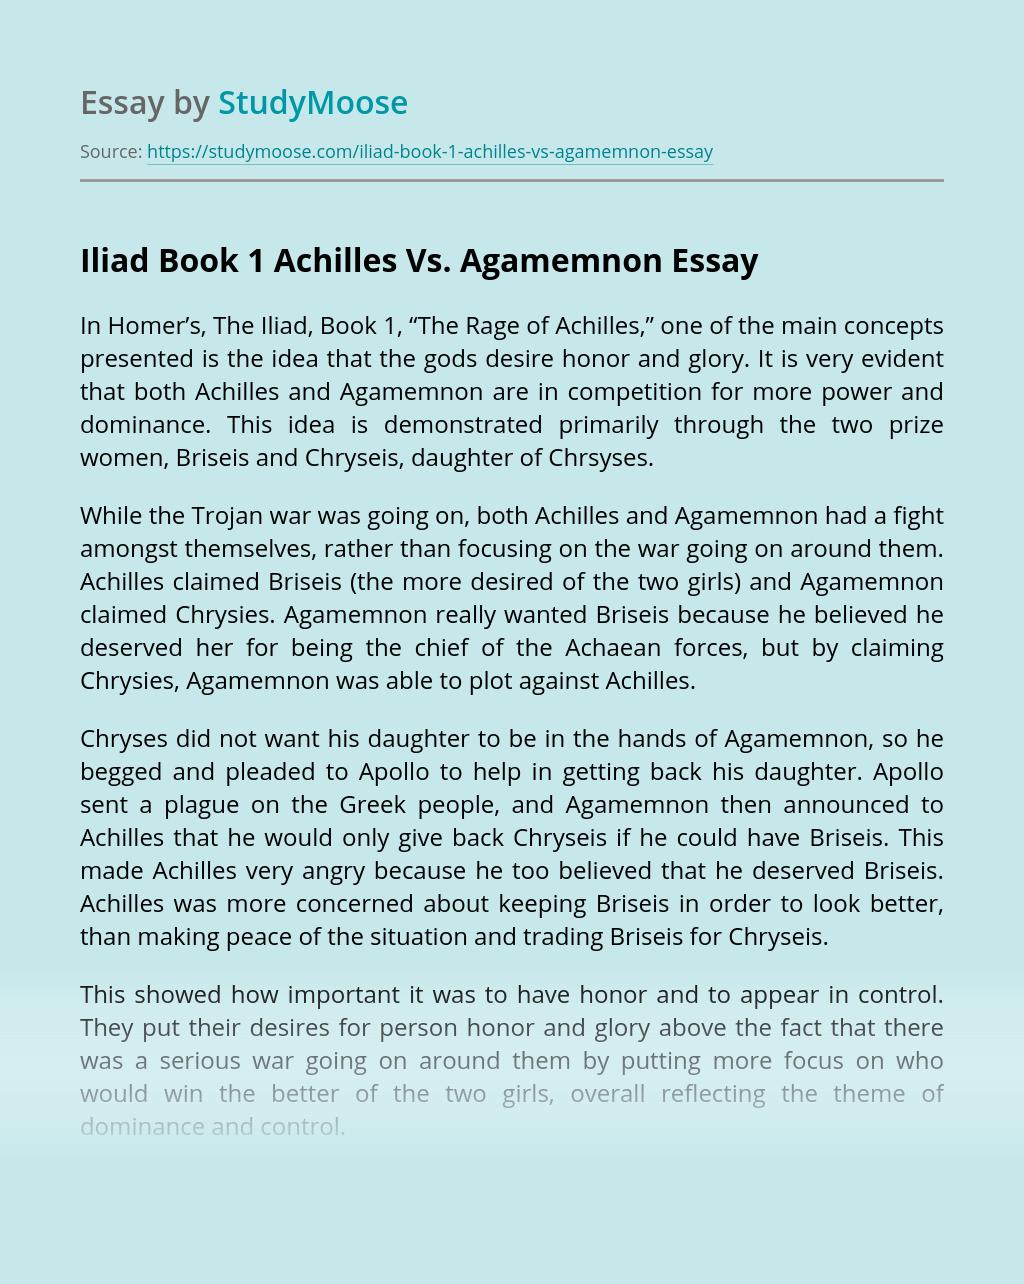 Iliad Book 1 Achilles Vs. Agamemnon